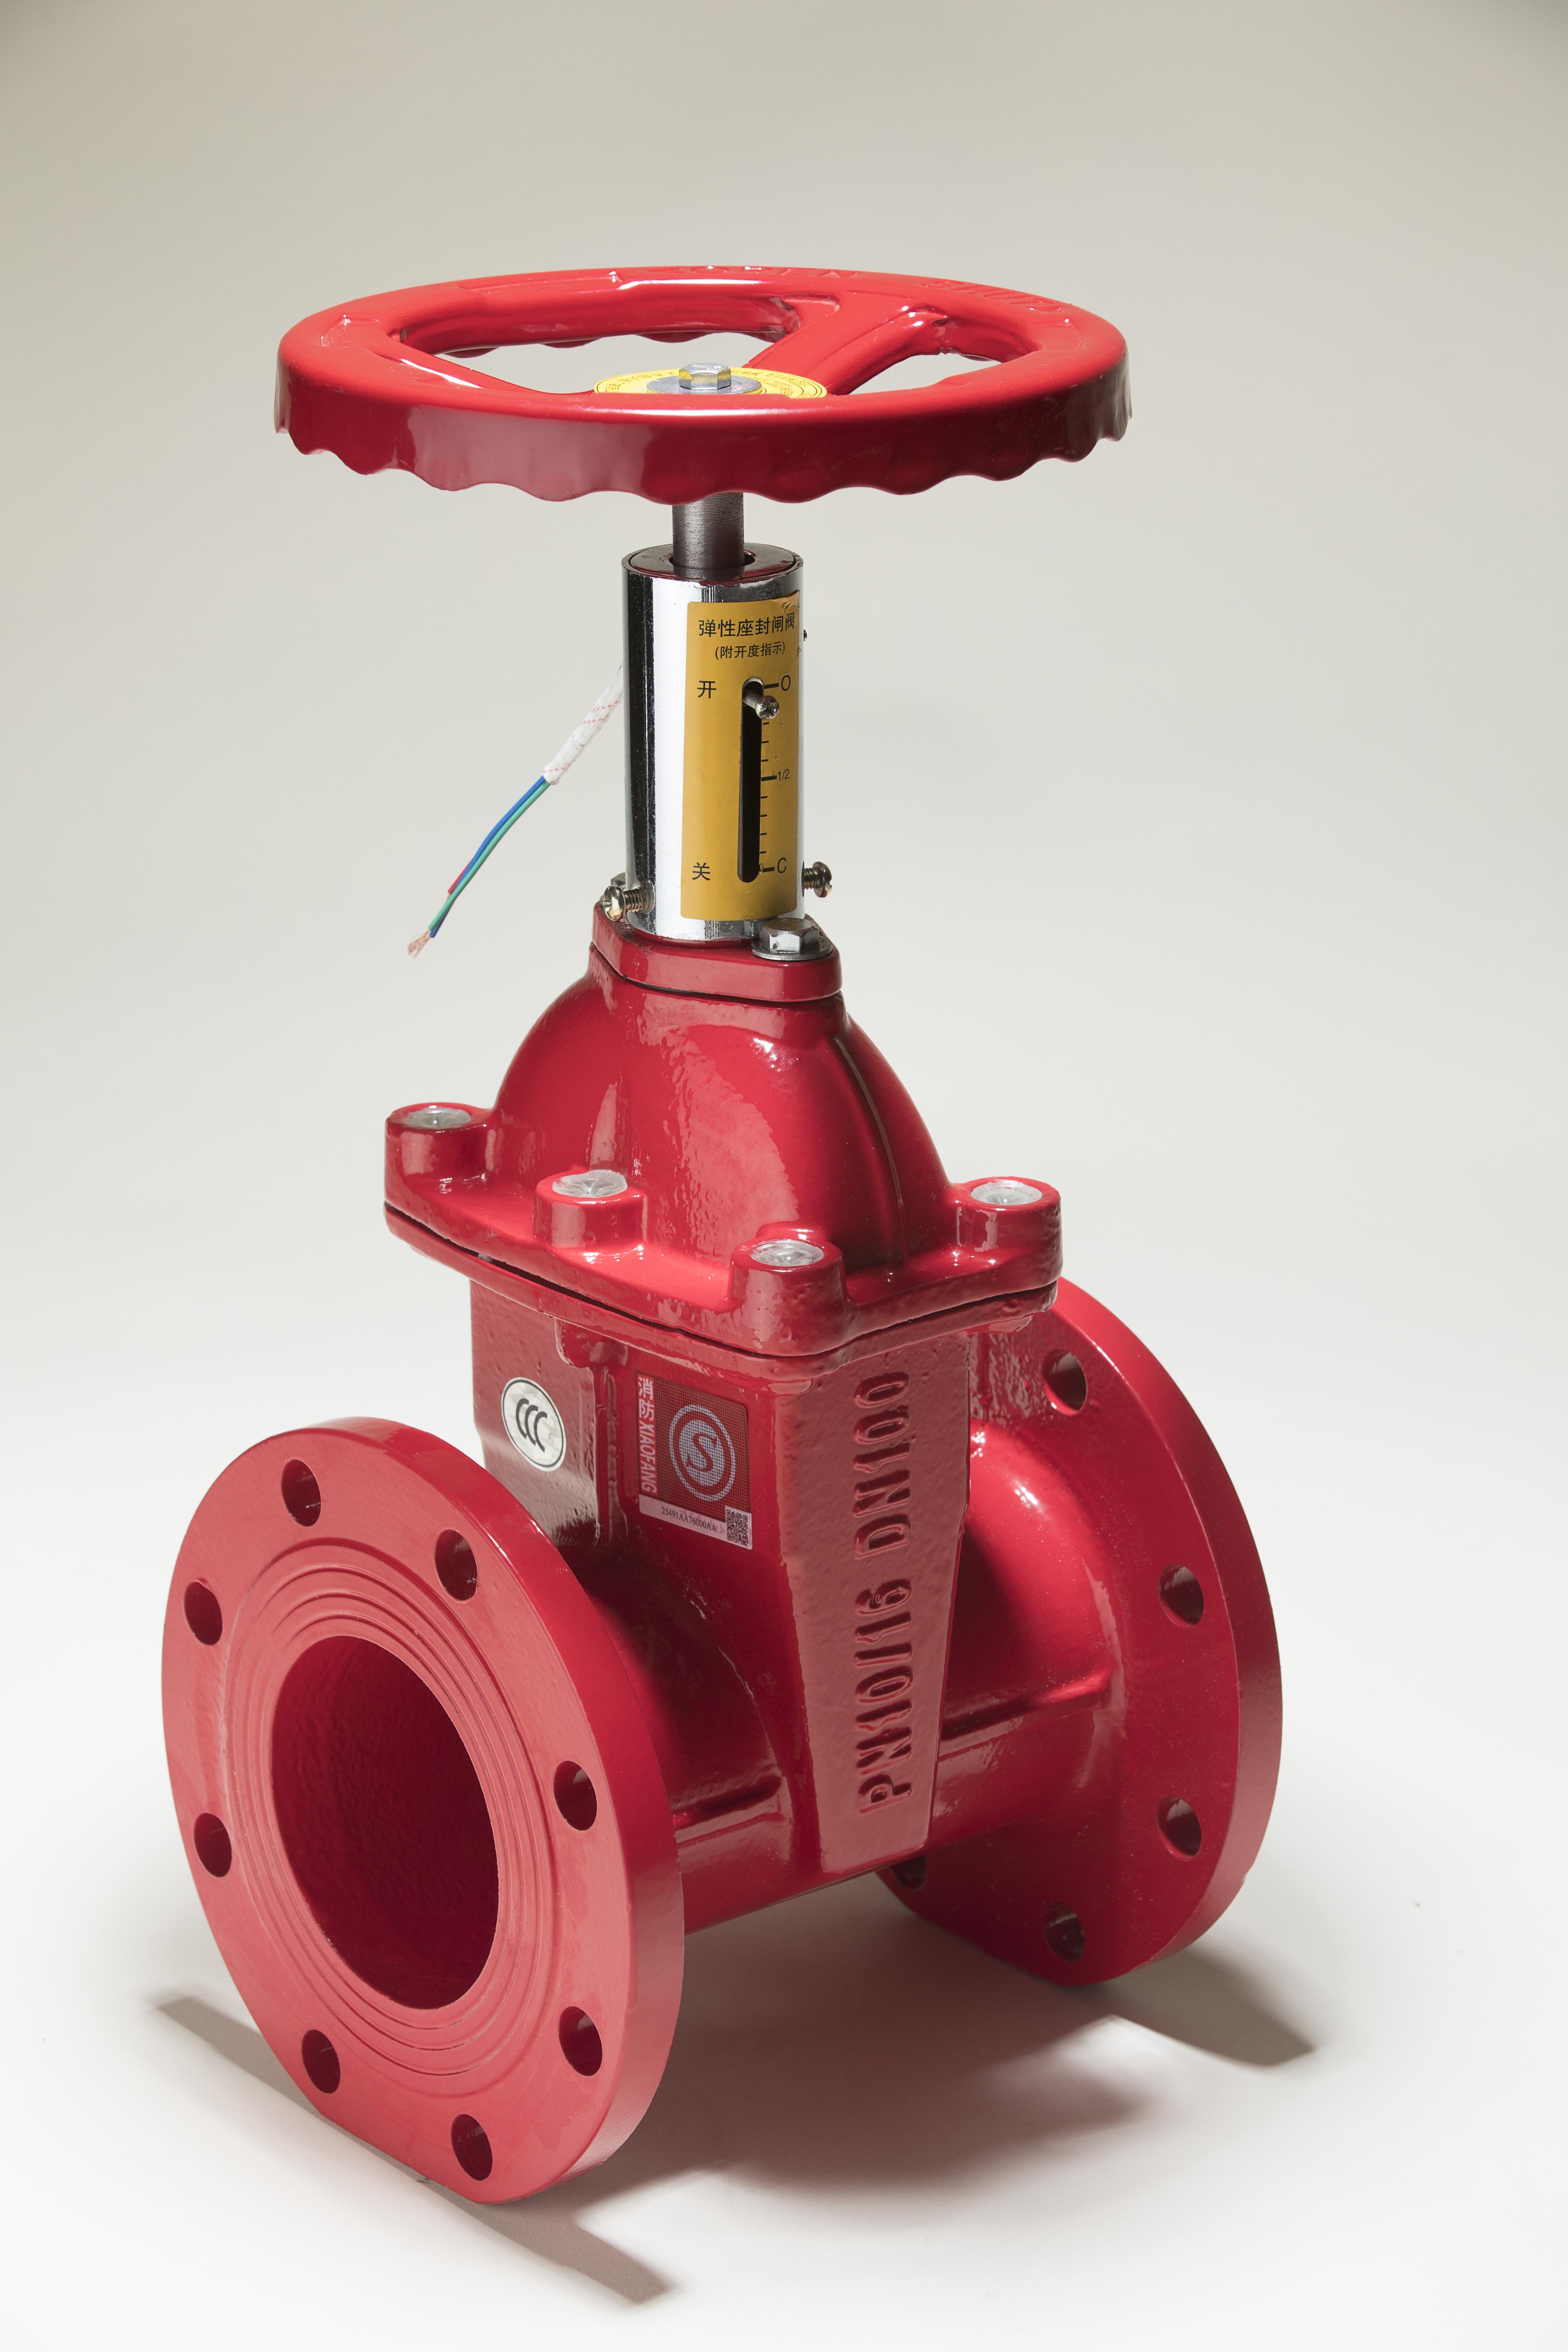 <em style='color:red'>法蘭</em><em style='color:red'>暗桿</em><em style='color:red'>消防</em><em style='color:red'>信號</em><em style='color:red'>閘閥</em>圖片